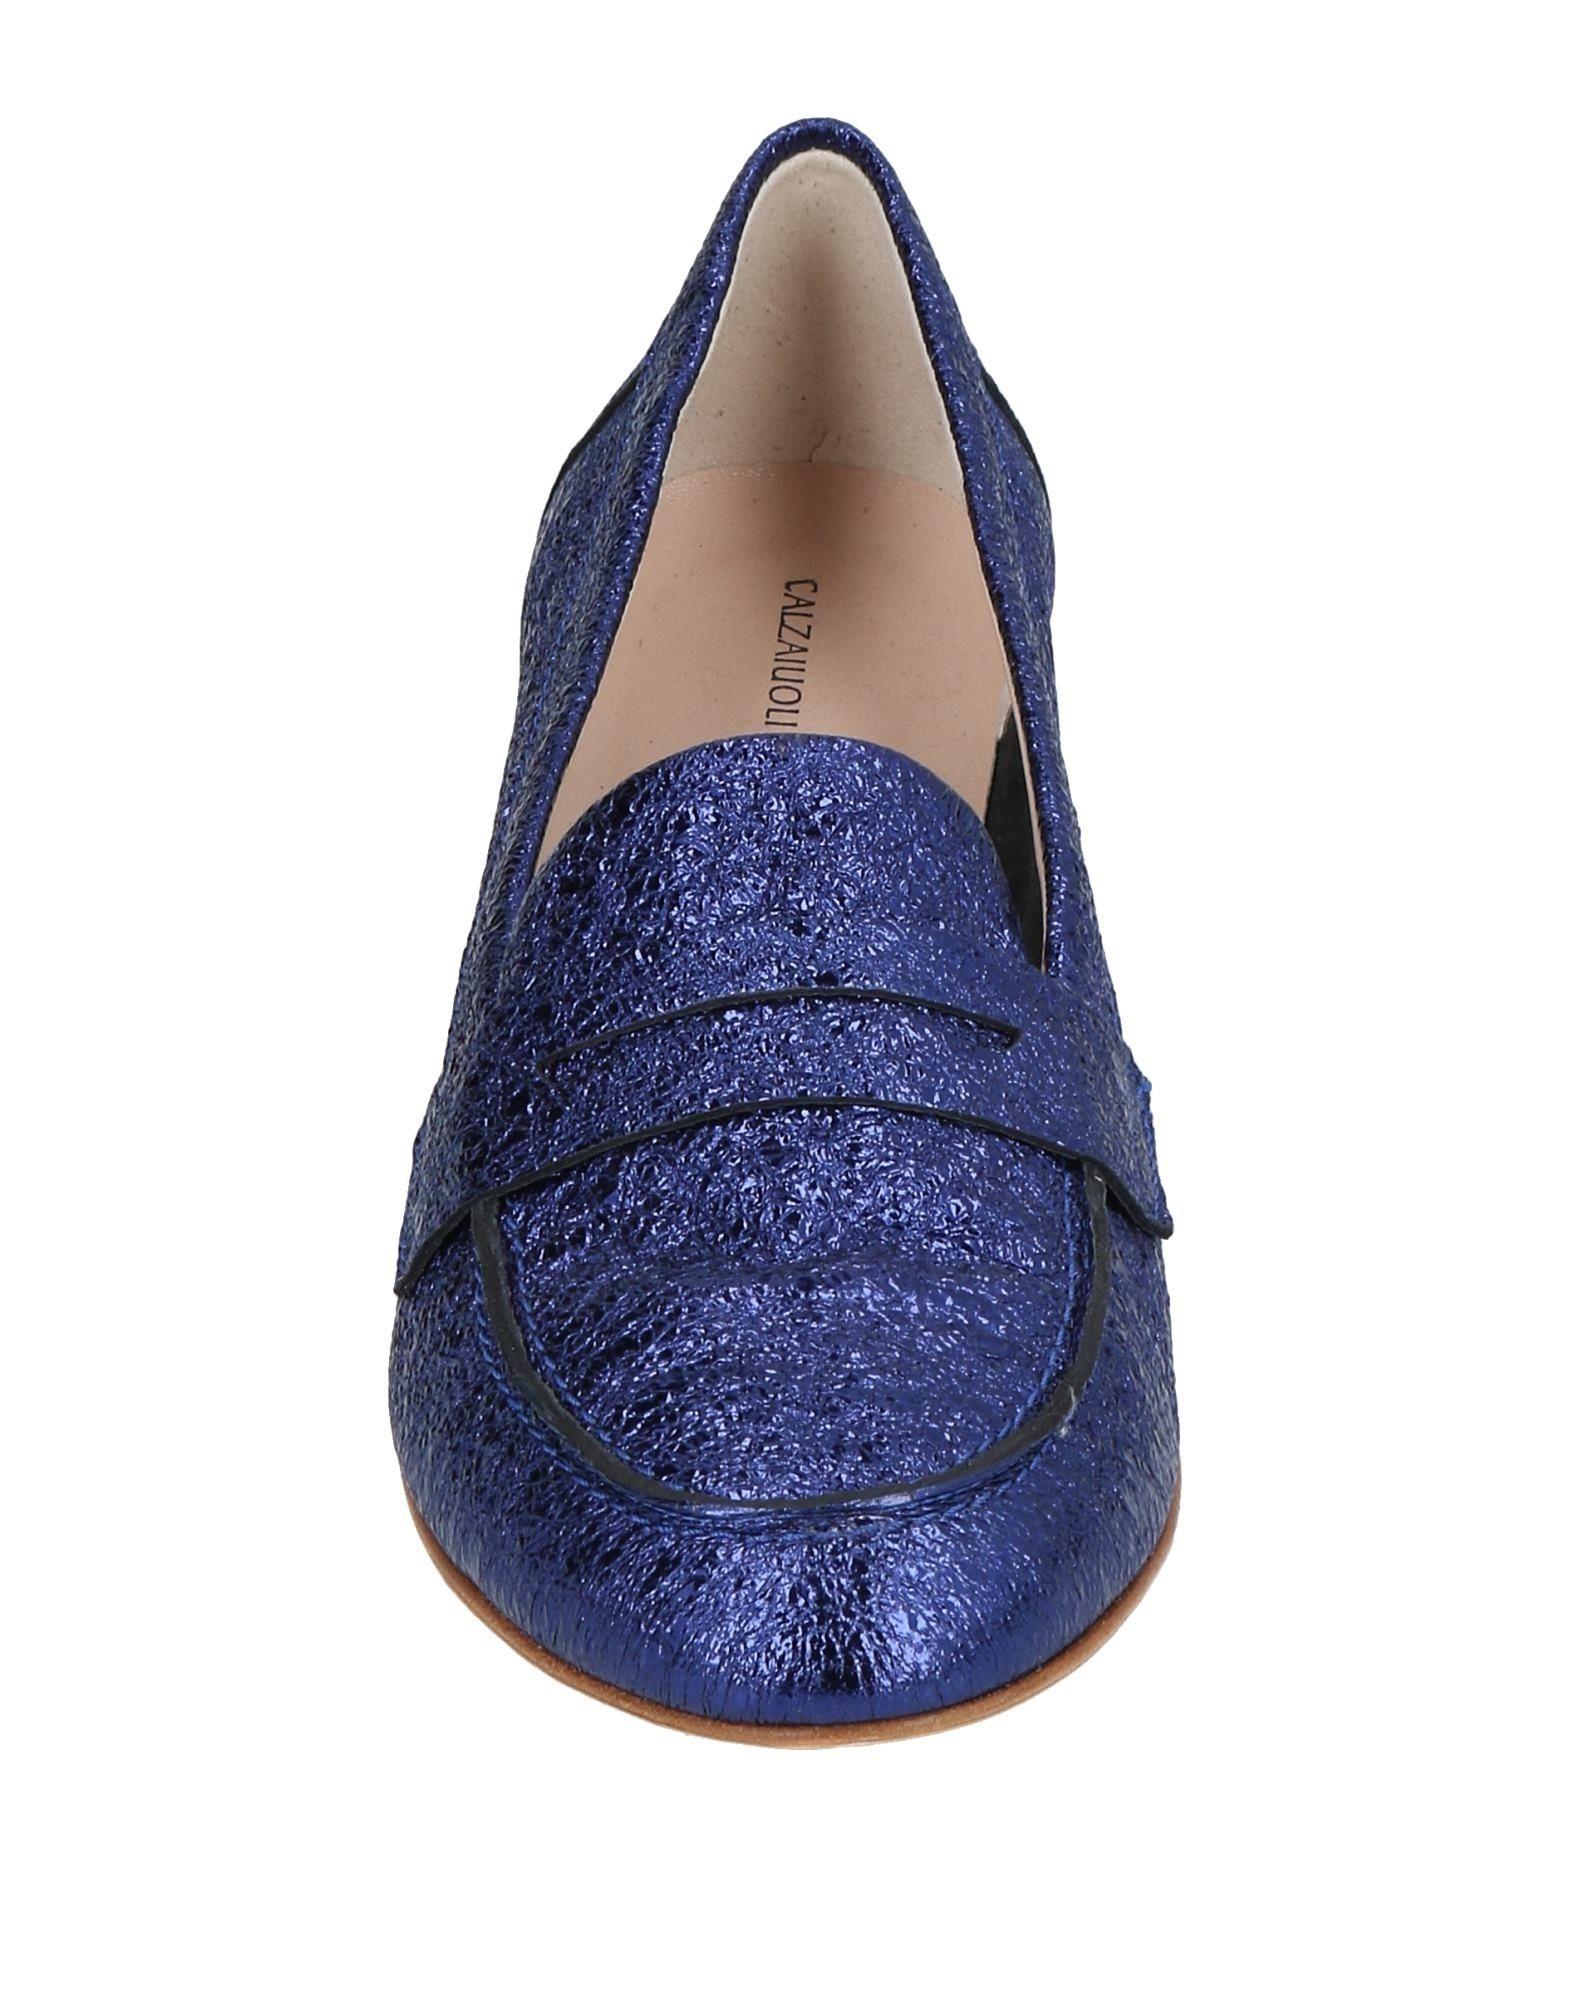 Calzaiuoli Toscani Mokassins Damen  11461785CQ Gute Qualität Schuhe beliebte Schuhe Qualität fc2085